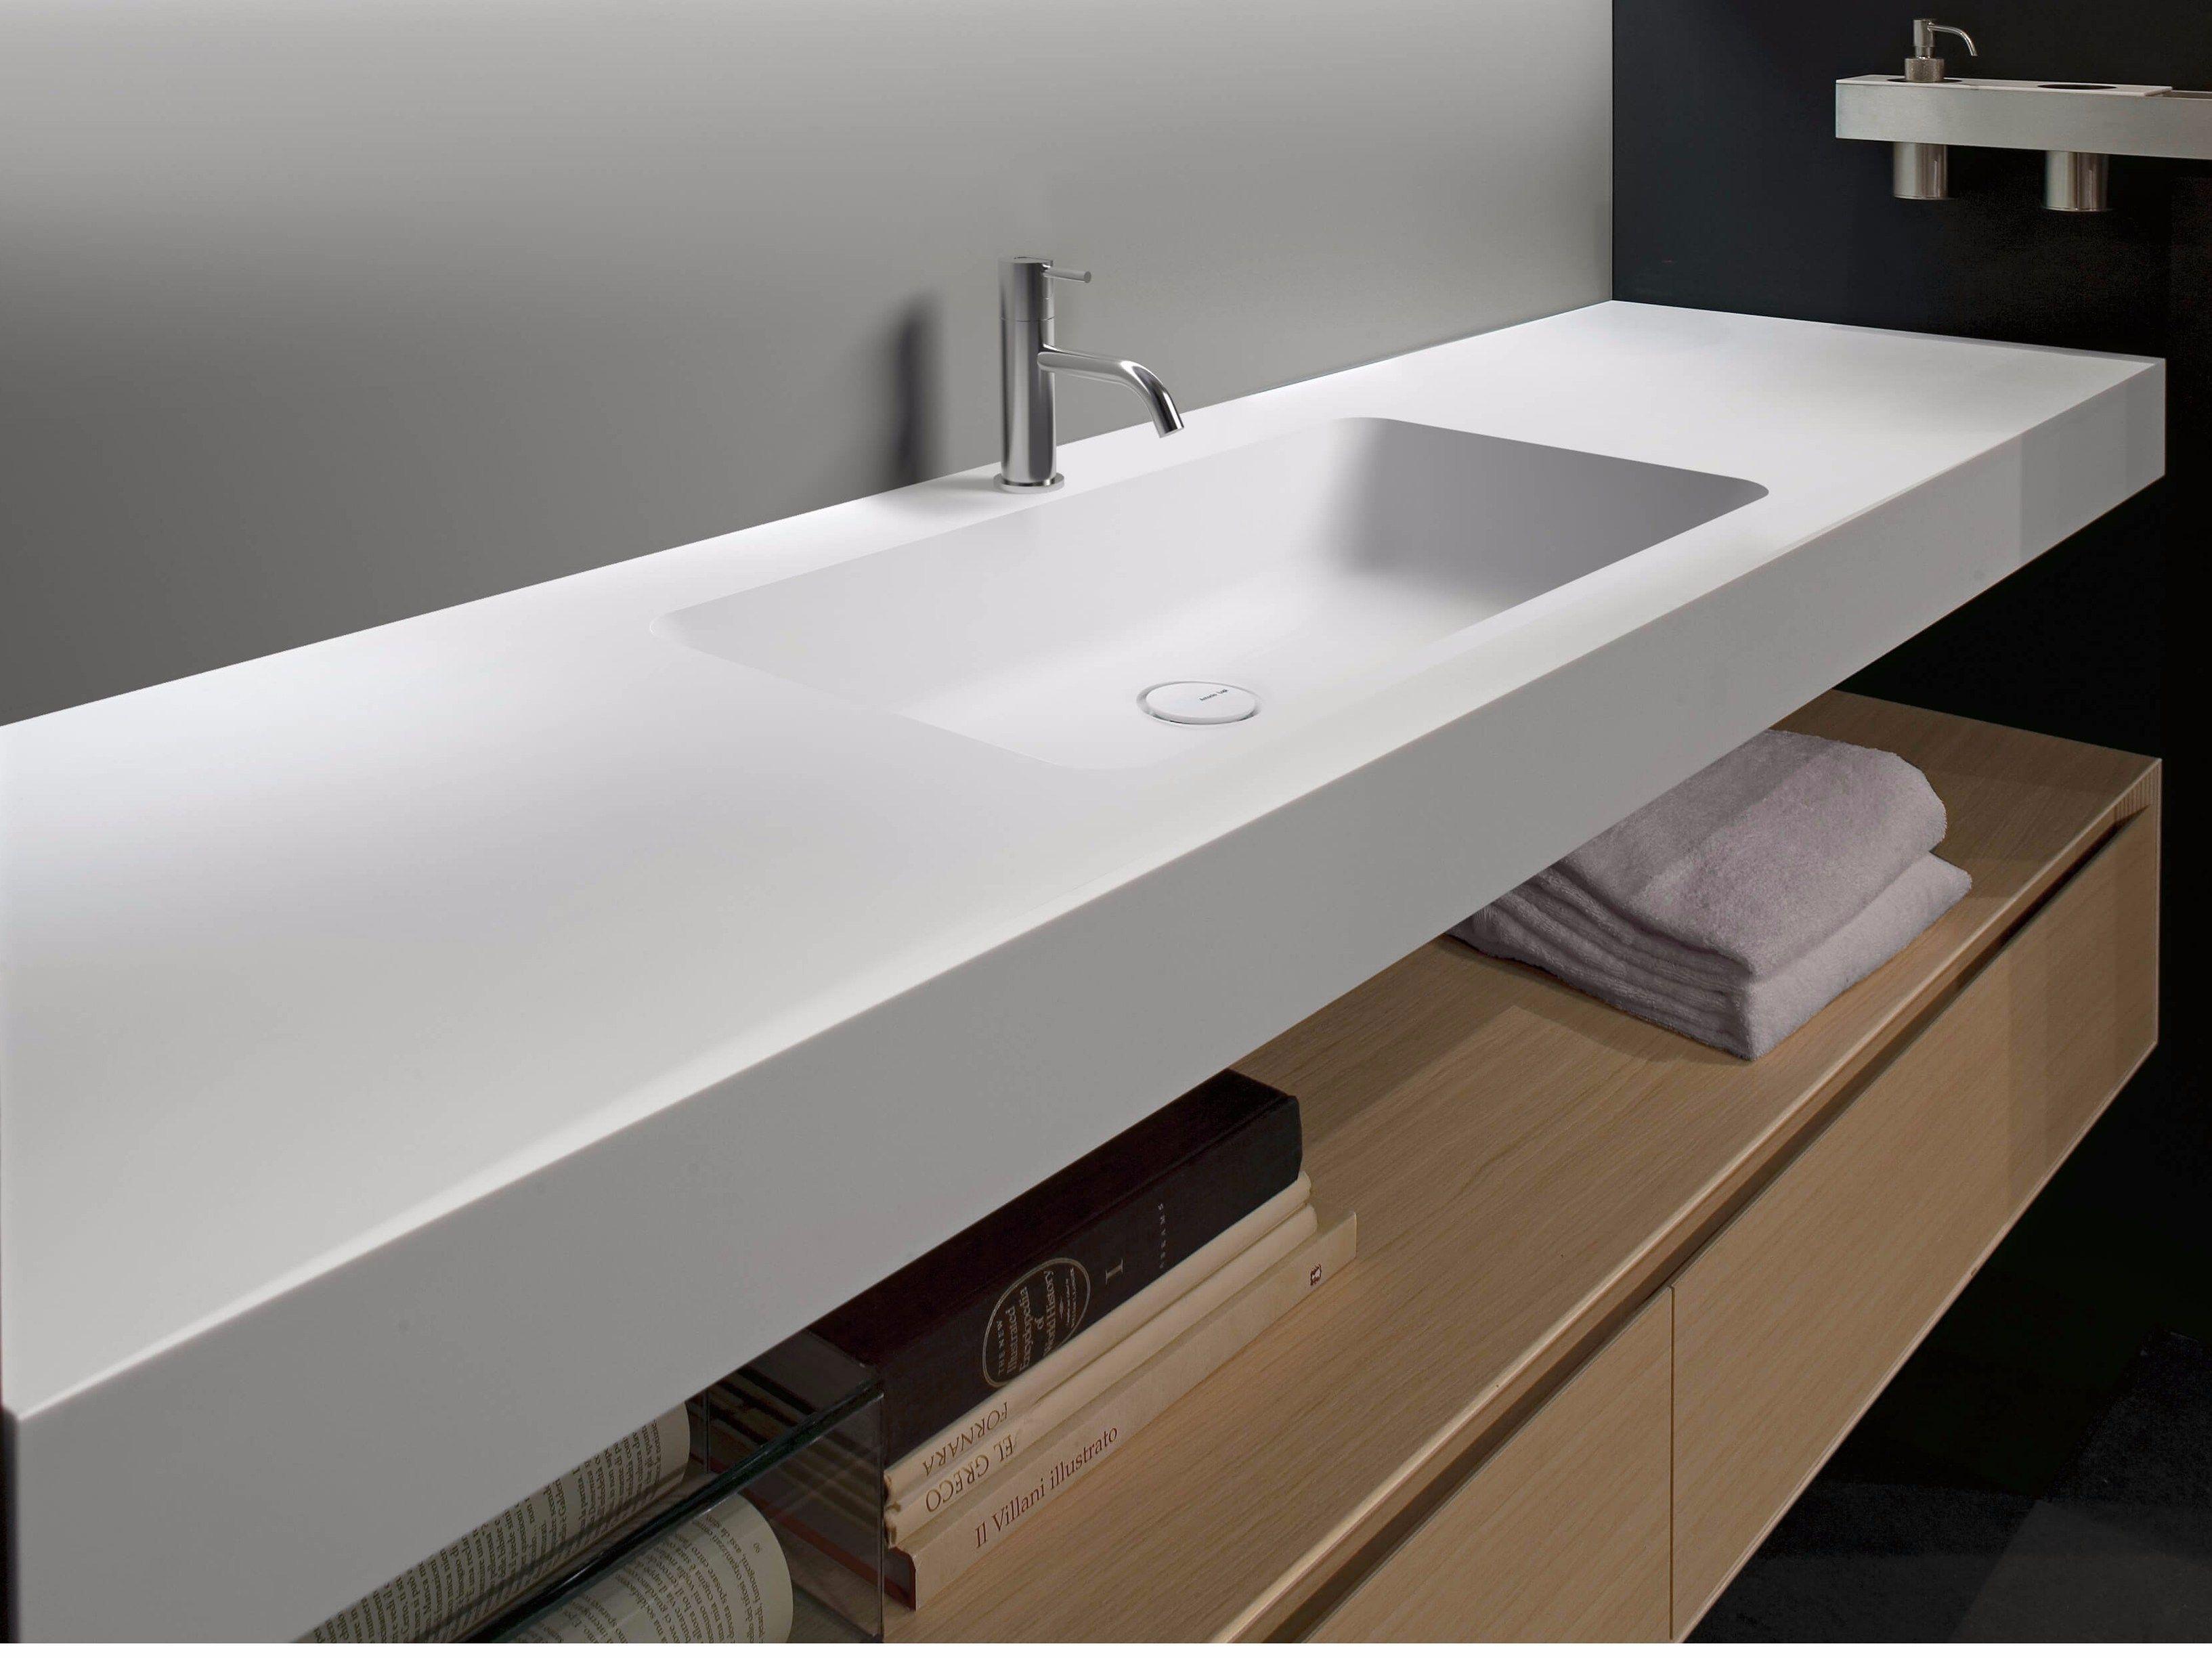 Waschtisch Aus Corian Arco By Antonio Lupi Design Design Nevio